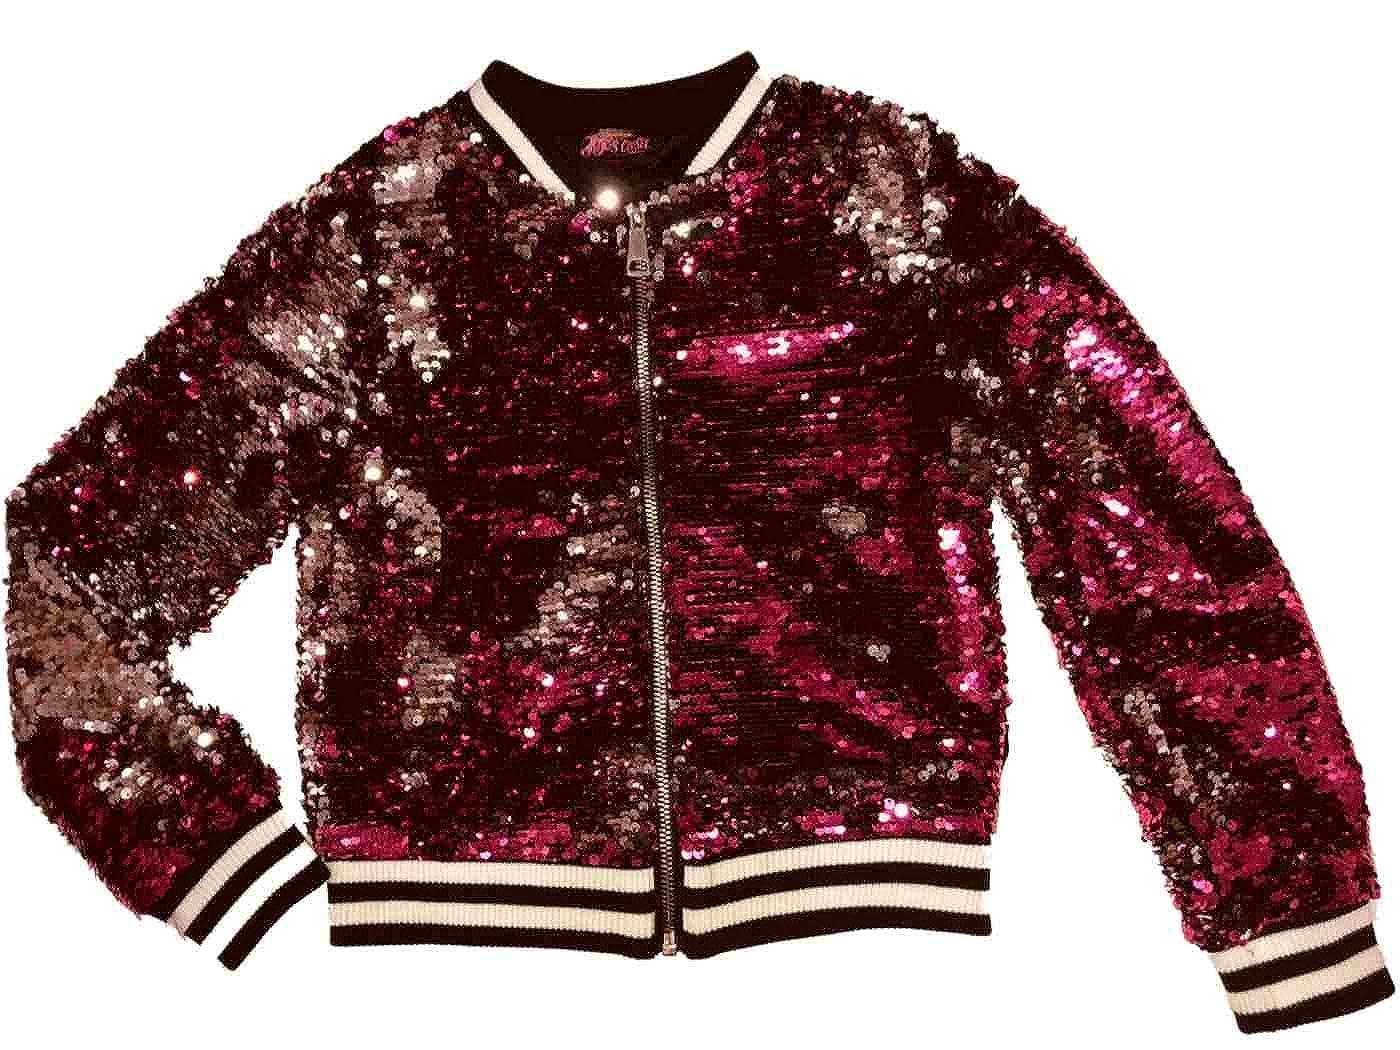 f83db7700 Amazon.com: Jojo's Closet Girls JoJo Siwa Sequin Jacket: Clothing